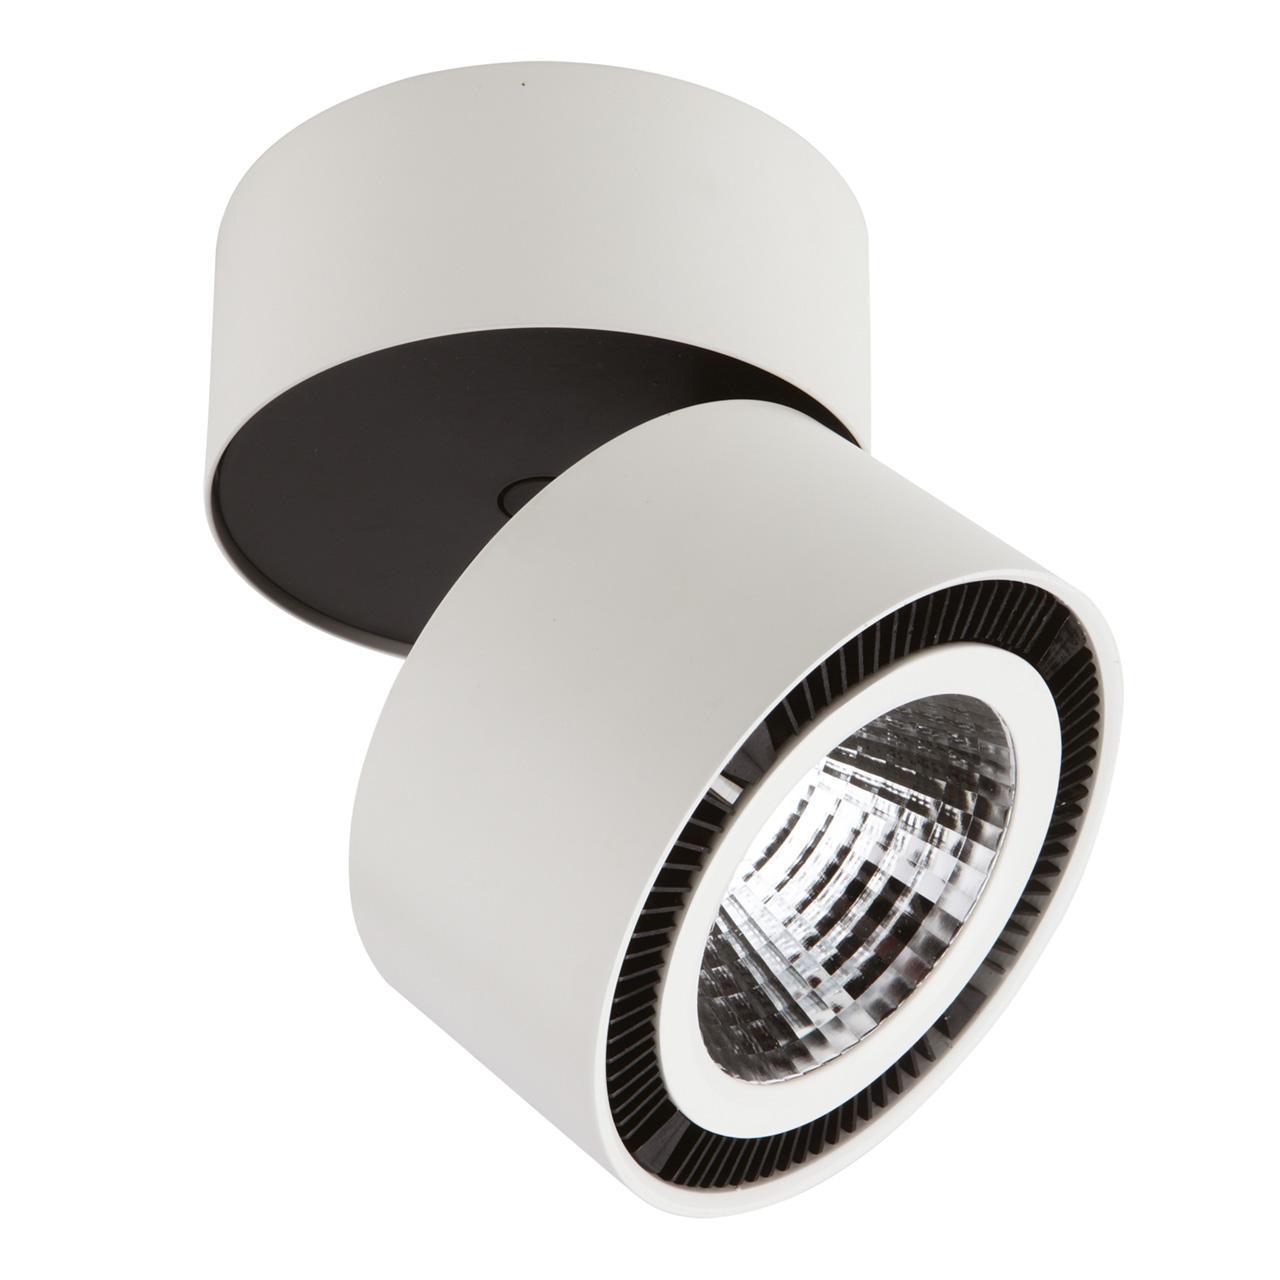 Потолочный светодиодный светильник Lightstar Forte Muro 213850 потолочный светодиодный светильник lightstar forte muro 214839